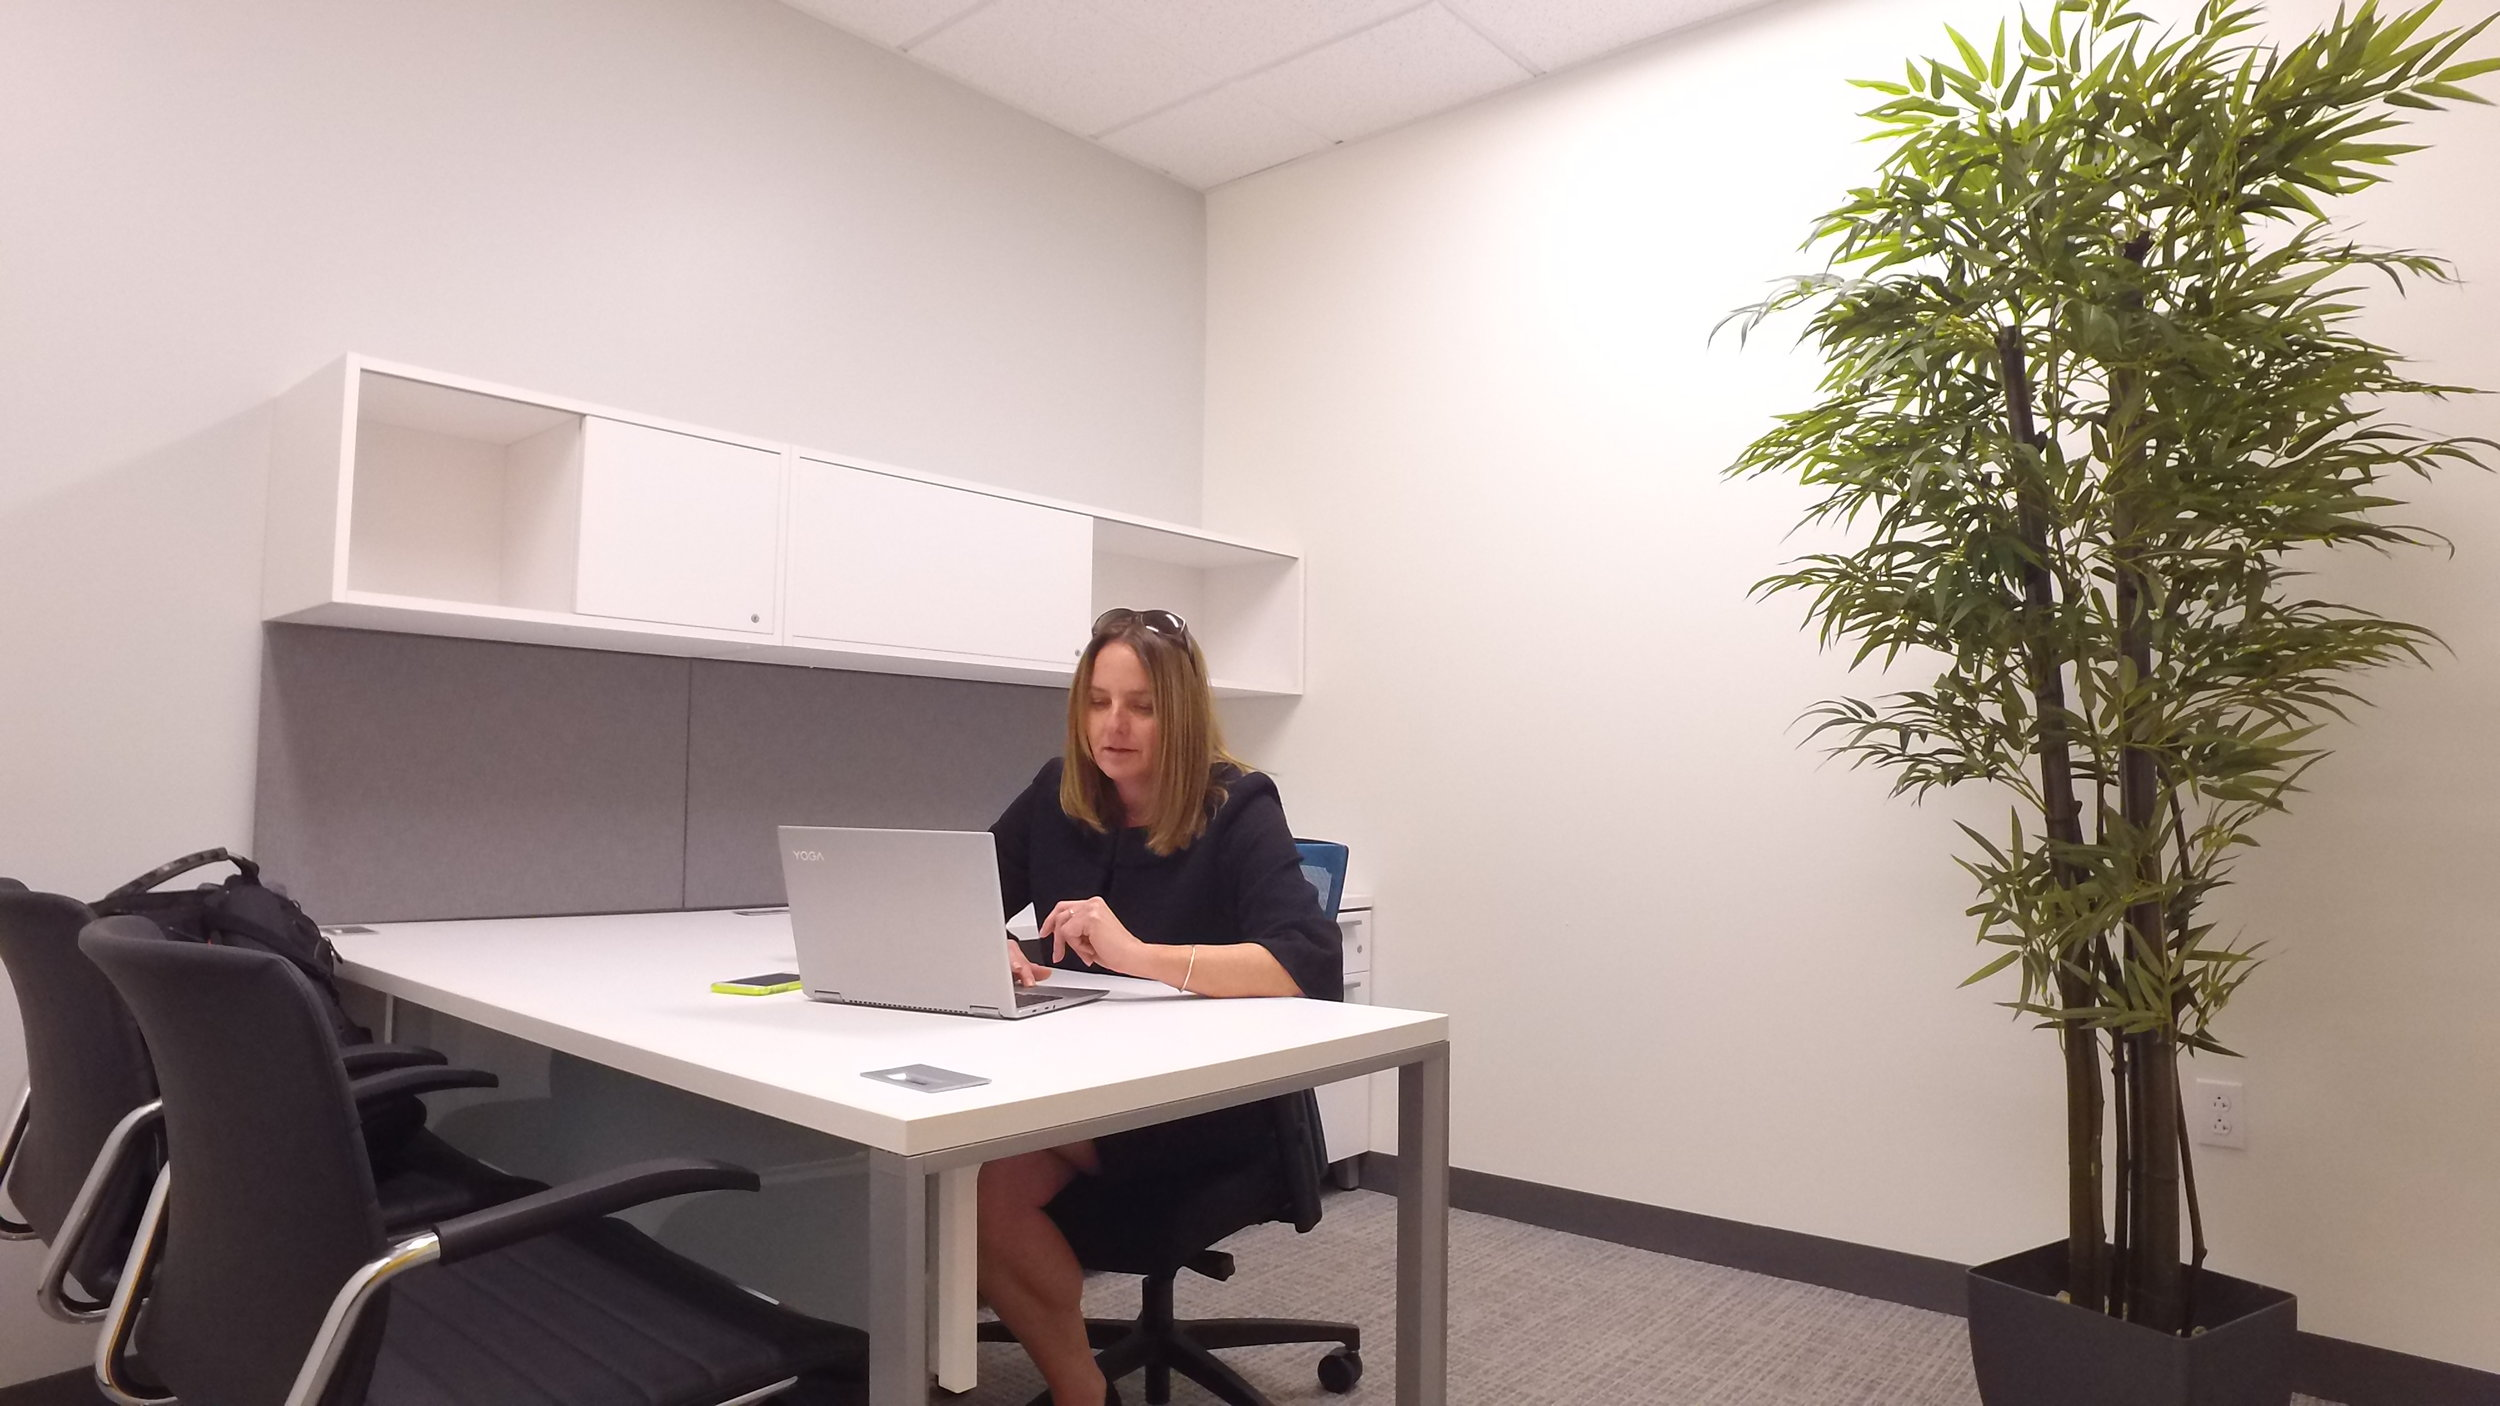 DJI_0212 Kristin office work.JPG